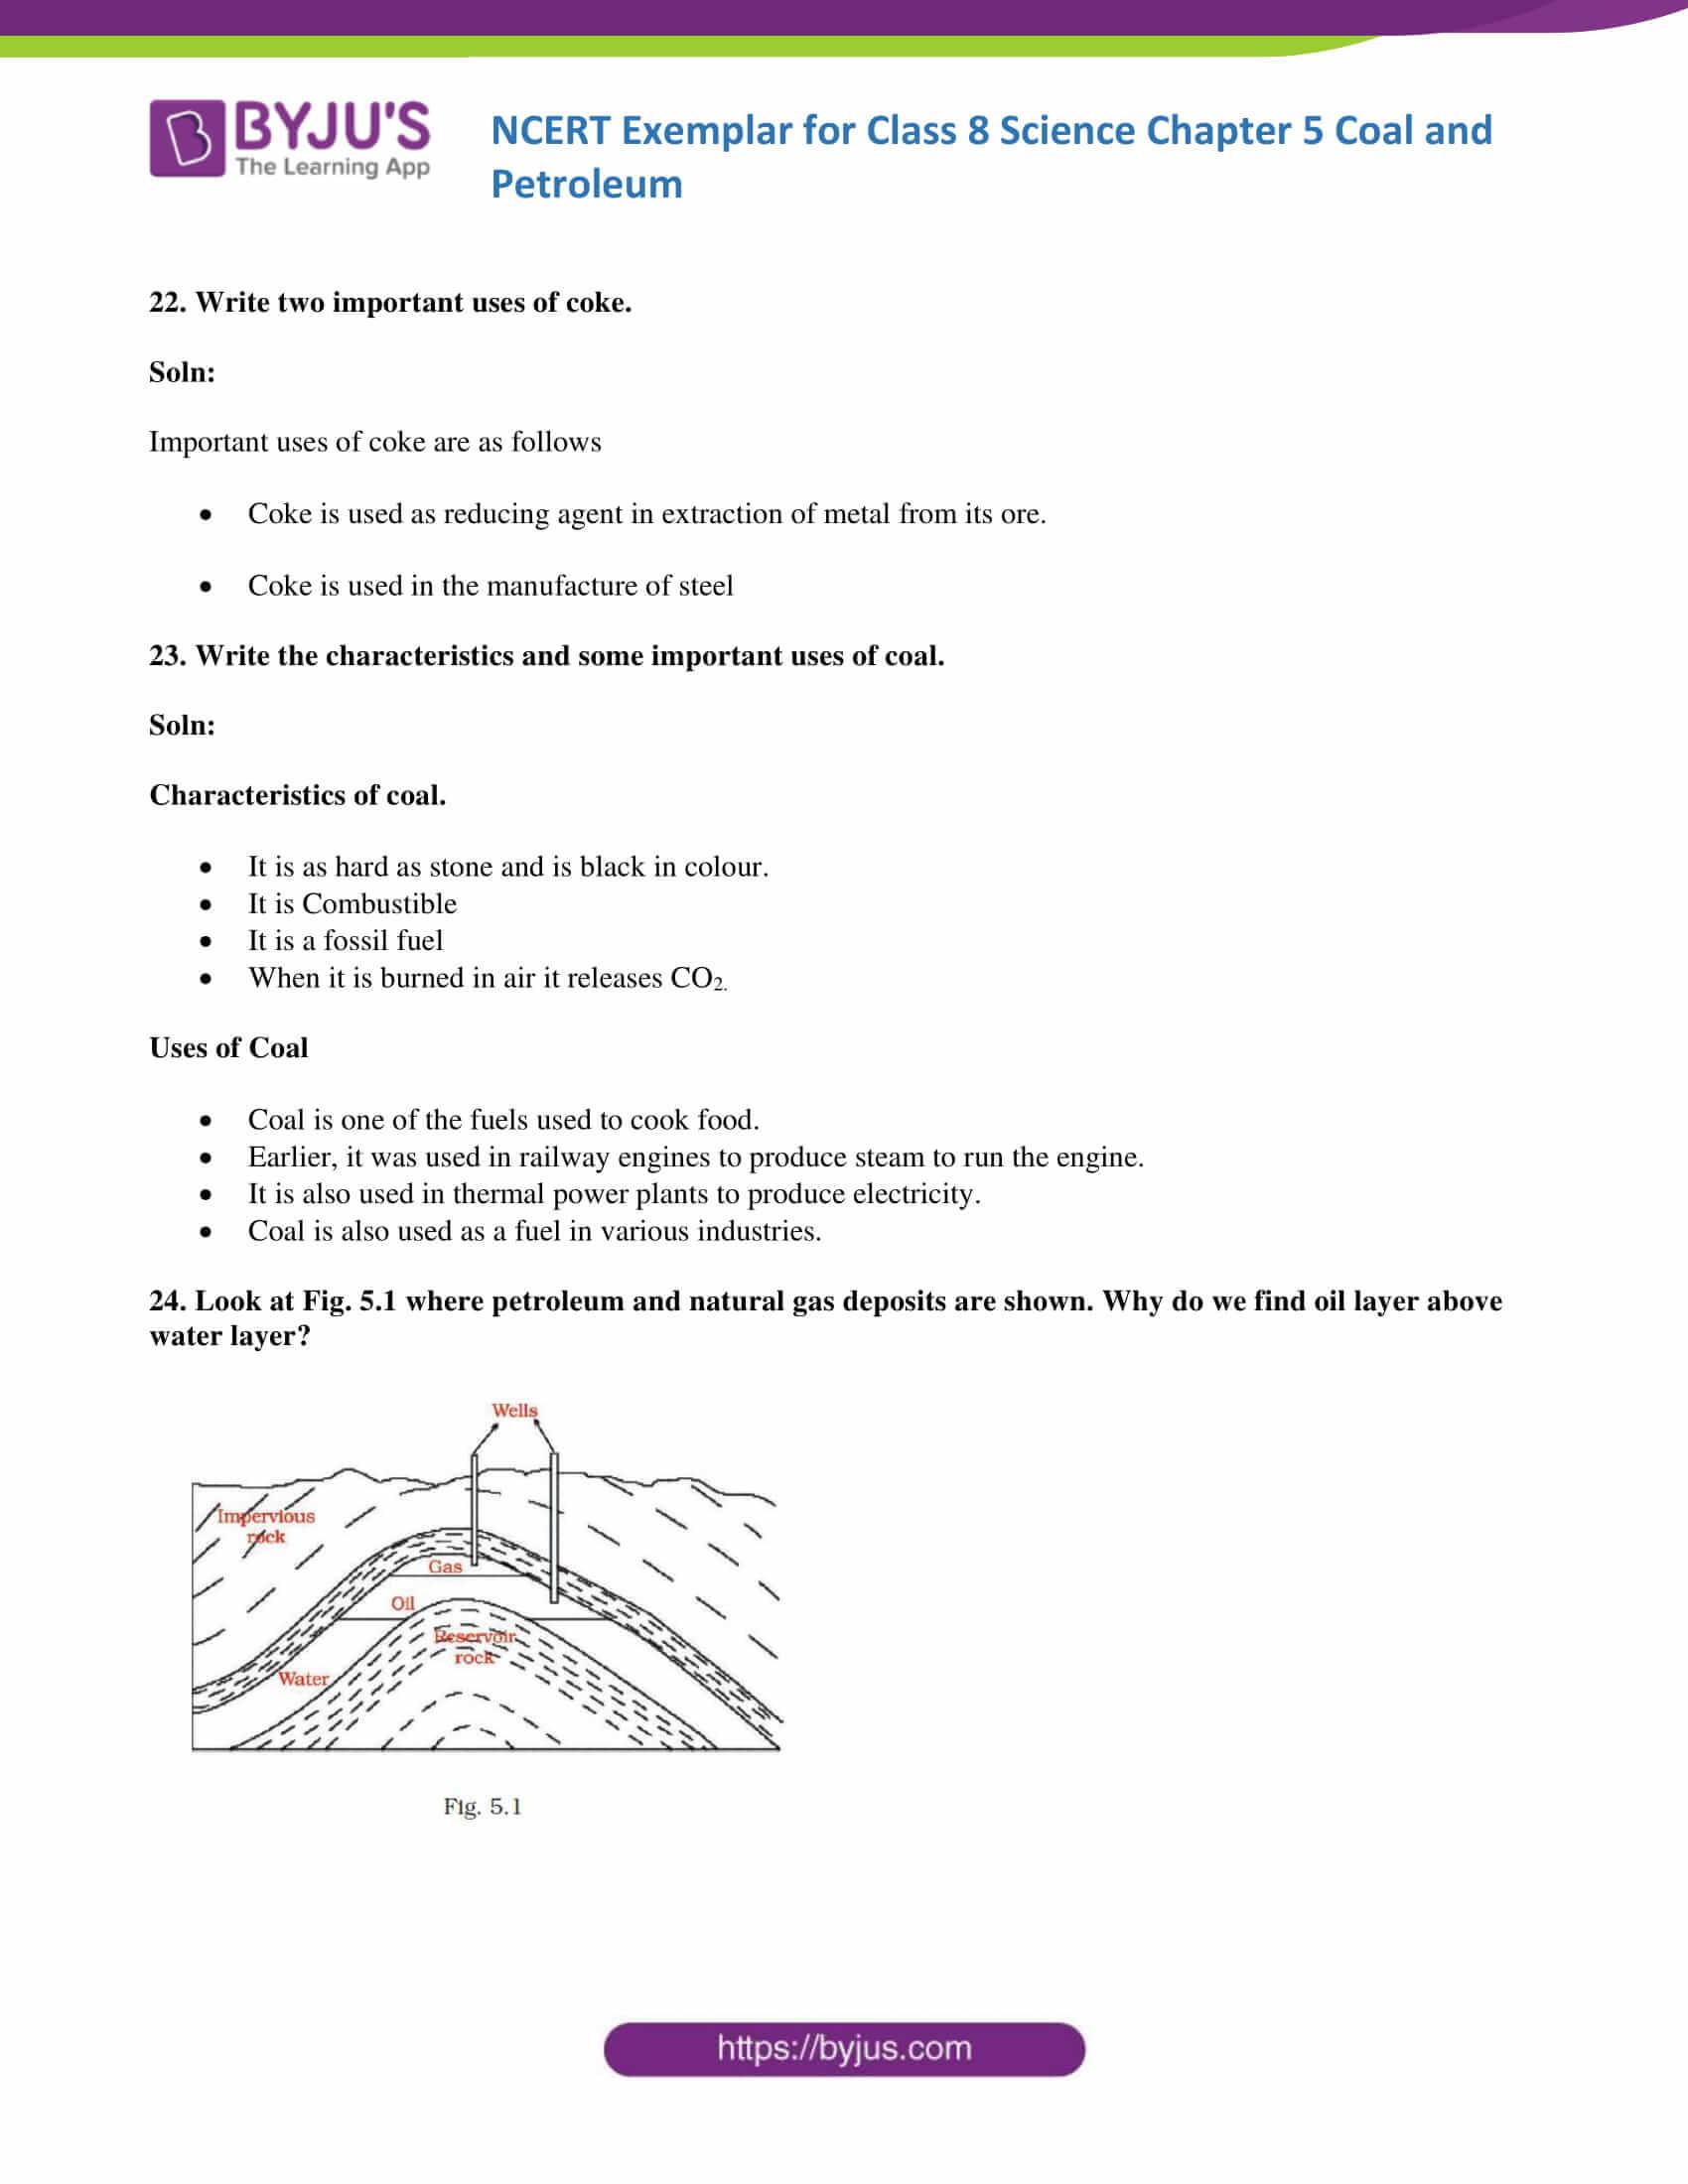 NCERT Exemplar solution class 8 Chapter 5 part 08